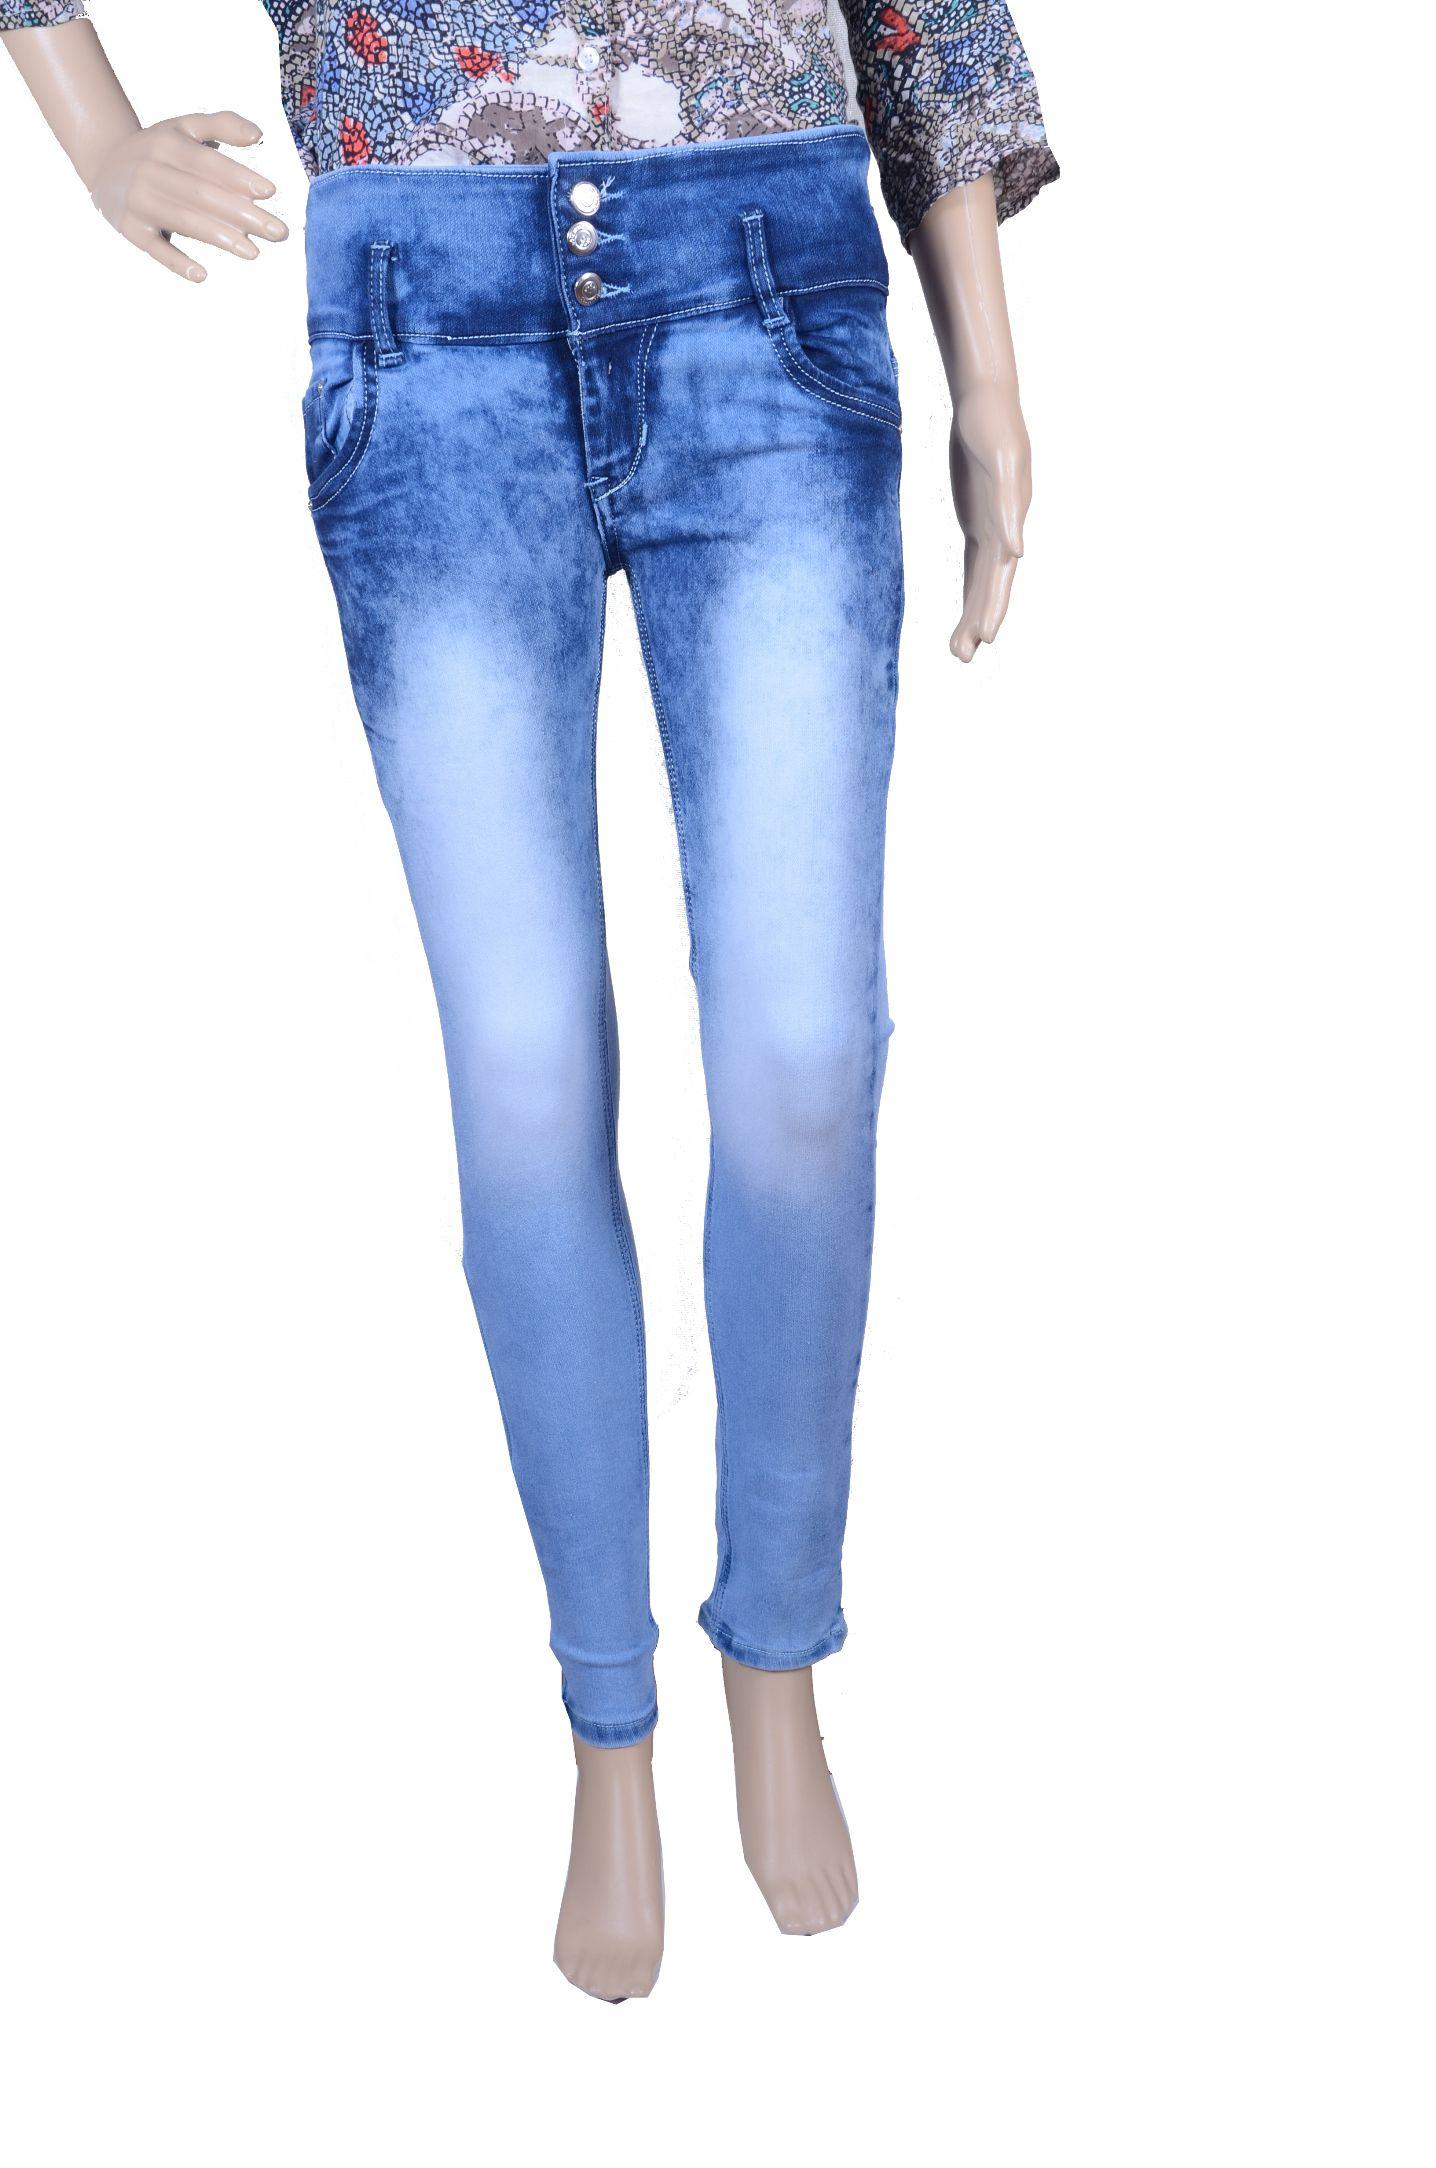 Khusbhu Denim Jeans - Blue